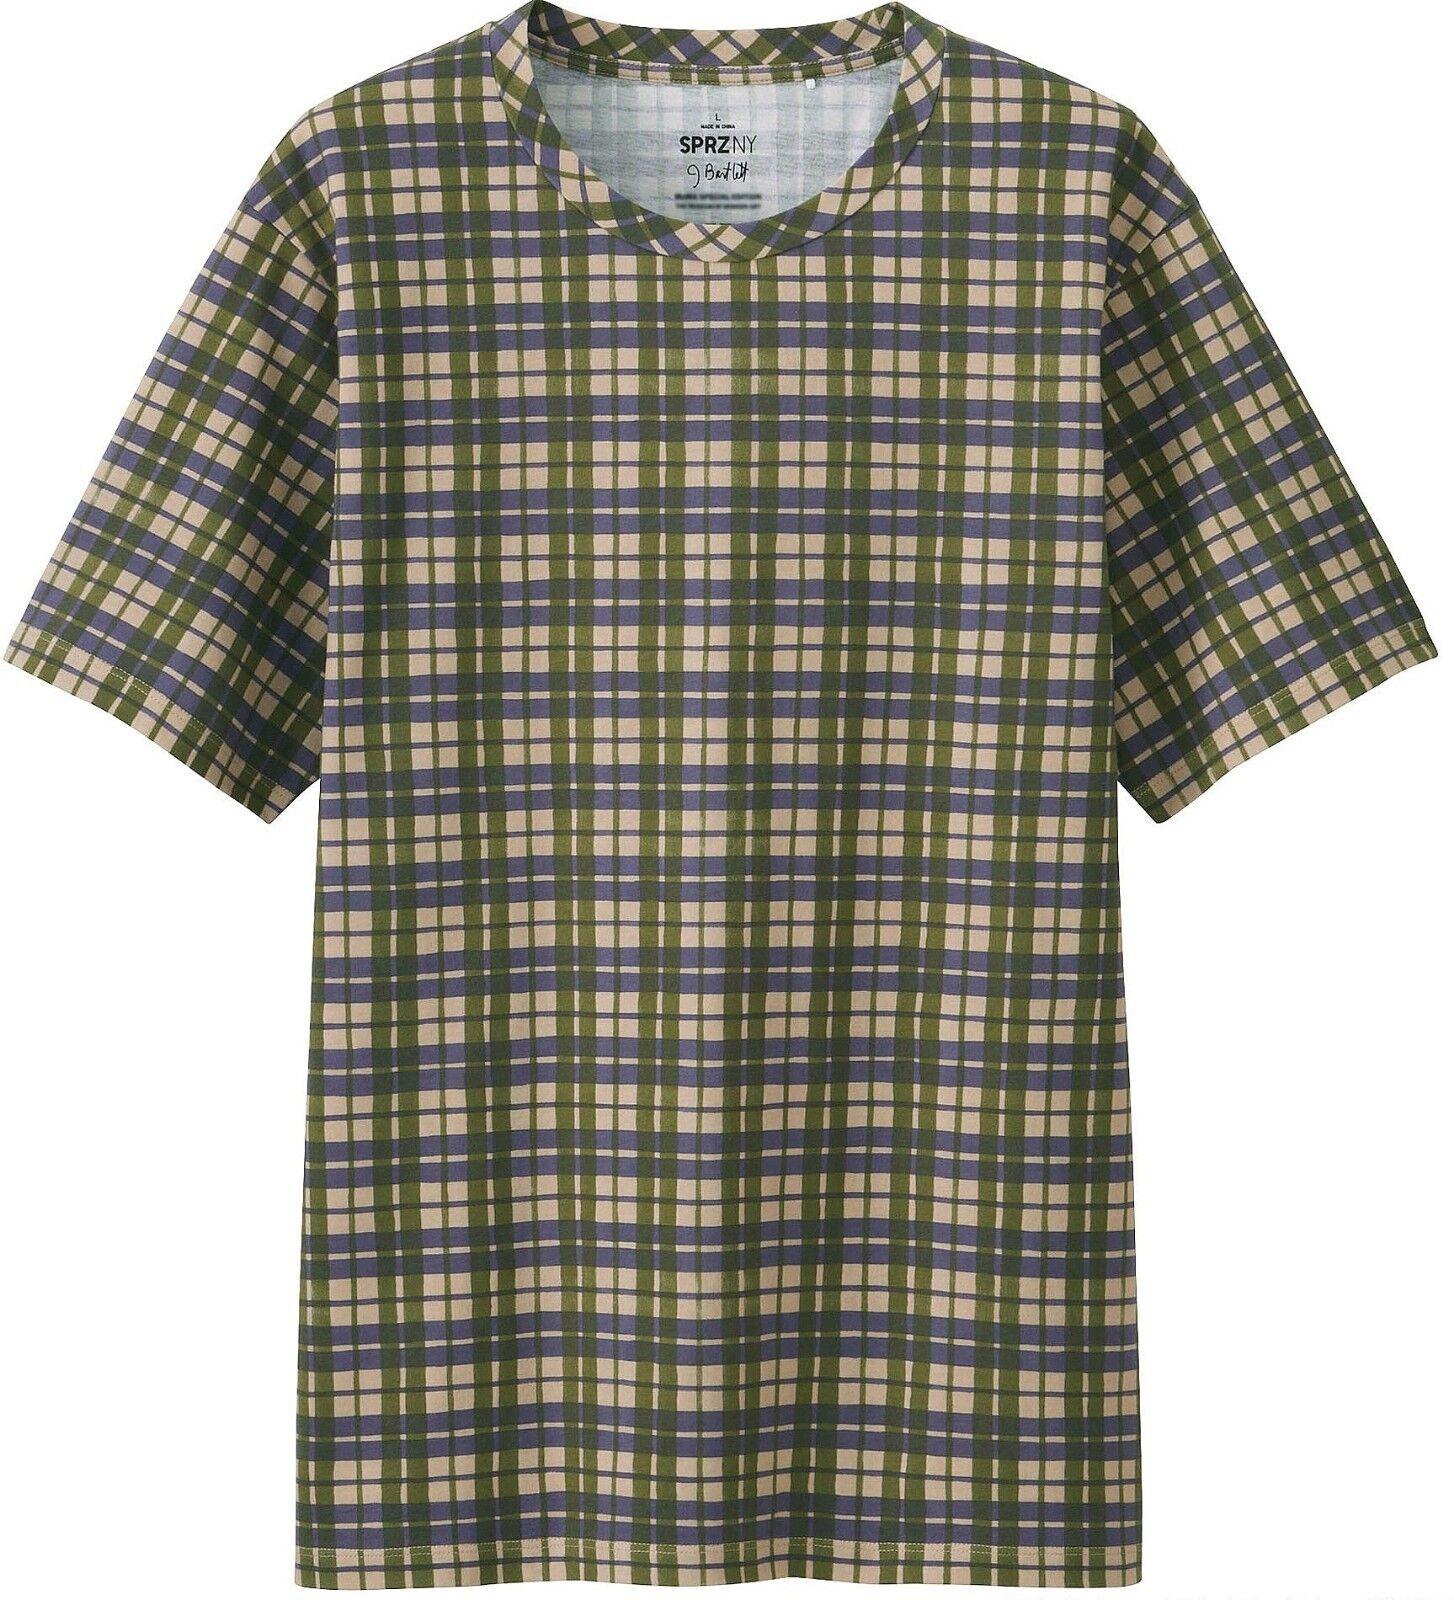 JENNIFER BARTLETT x UNIQLO 'Rhapsody (Green   Purple Plaid)' Art T-Shirt S NWT